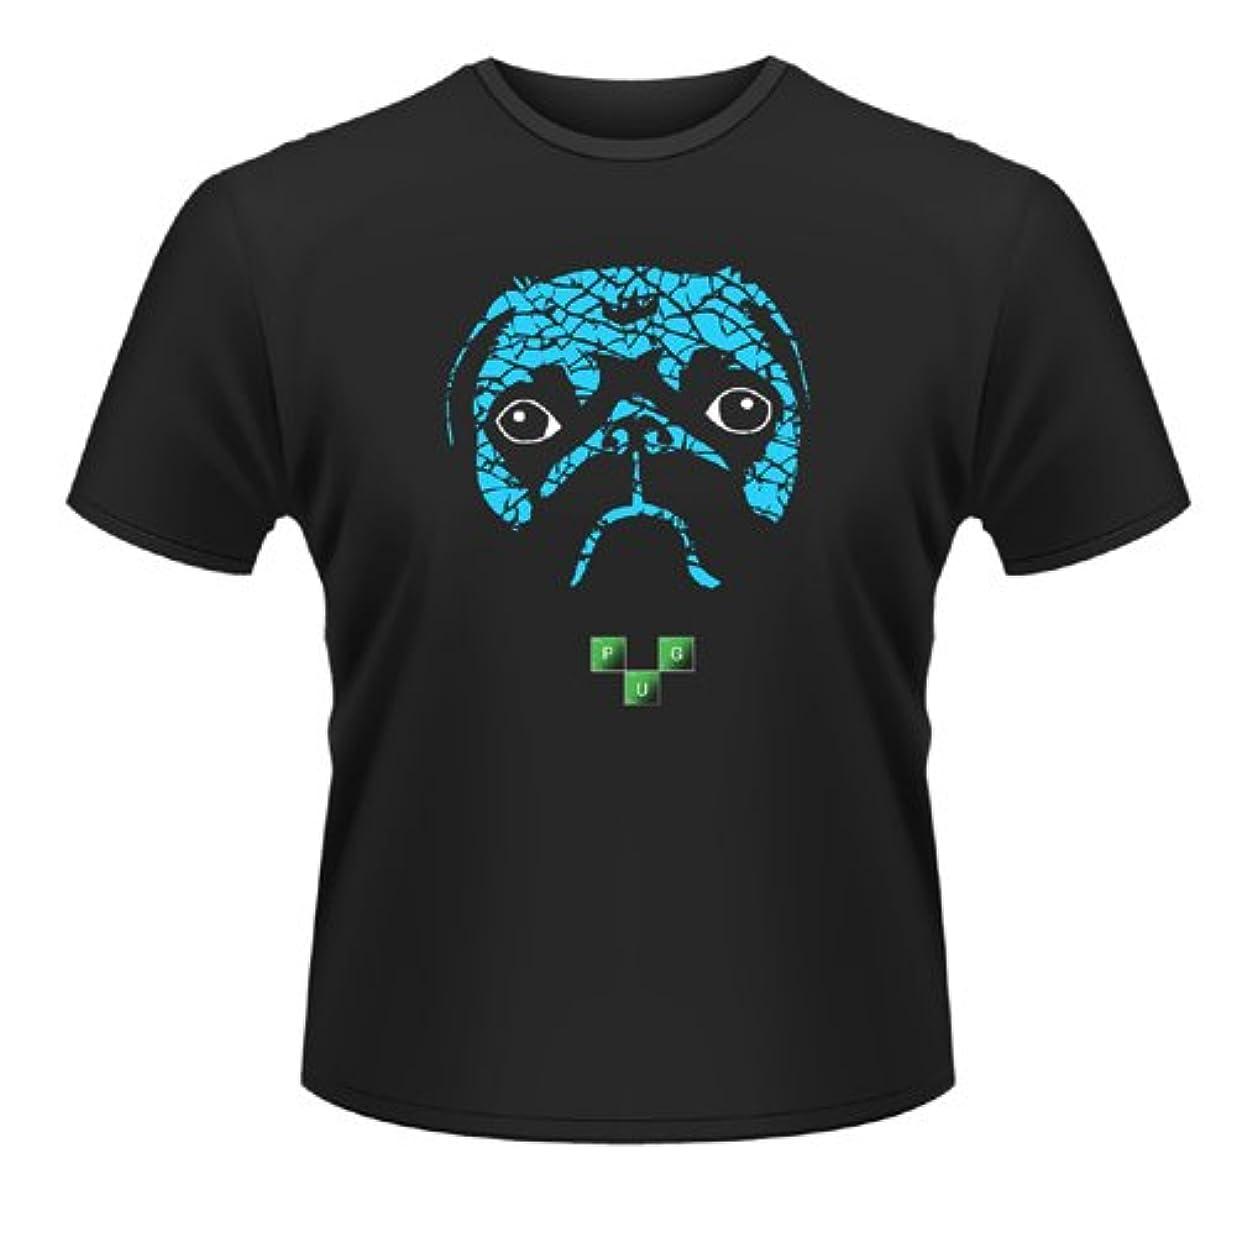 決定する変な公園Plan 9 Pug Meth (Breaking Bad) 公式 メンズ 新しい ブラック T Shirt